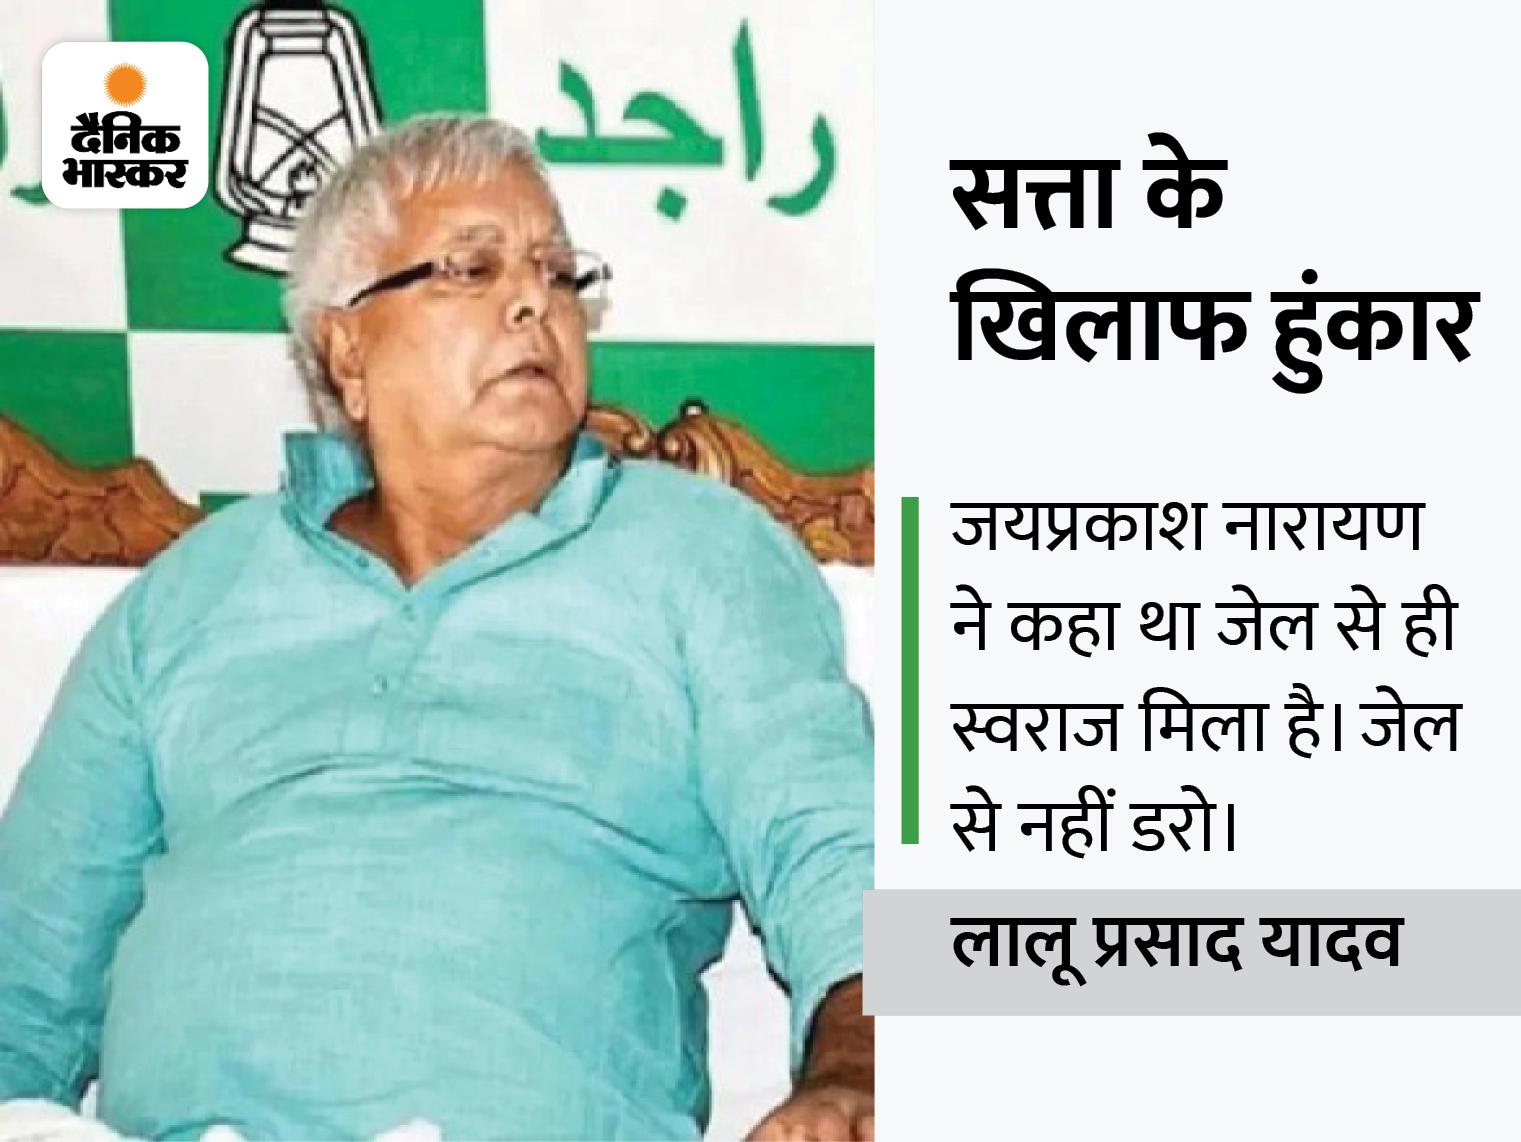 RJD सुप्रीमो चाहते हैं- तेजस्वी सड़क पर आंदोलन और जेल भरो अभियान चलाएं; 27 सितंबर को भारत बंद में नहीं दिखे थे नेता प्रतिपक्ष|बिहार,Bihar - Dainik Bhaskar